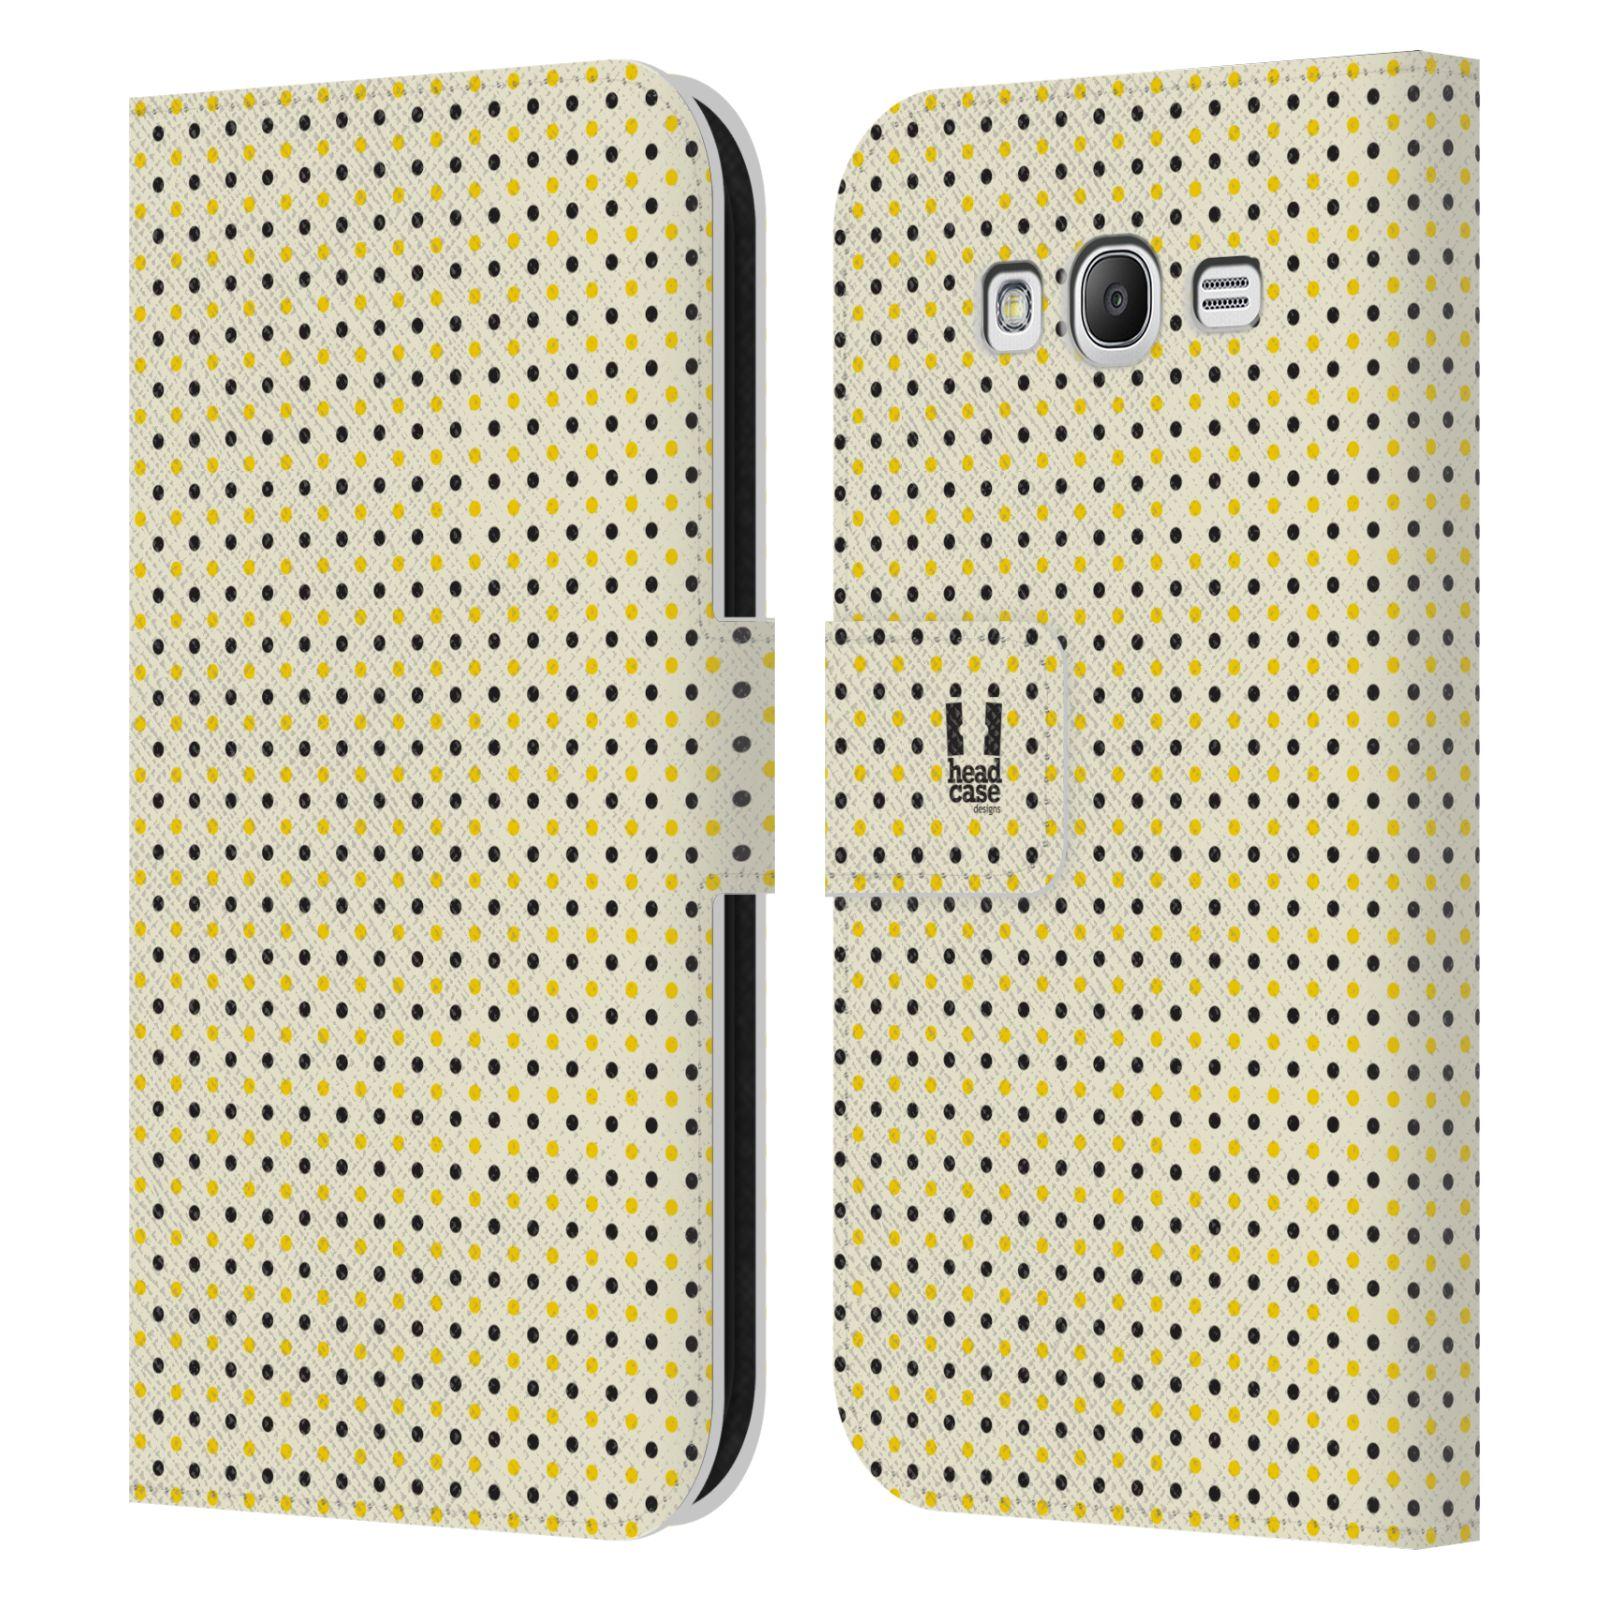 HEAD CASE Flipové pouzdro pro mobil Samsung Galaxy Grand i9080 VČELÍ VZOR tečky a puntíky